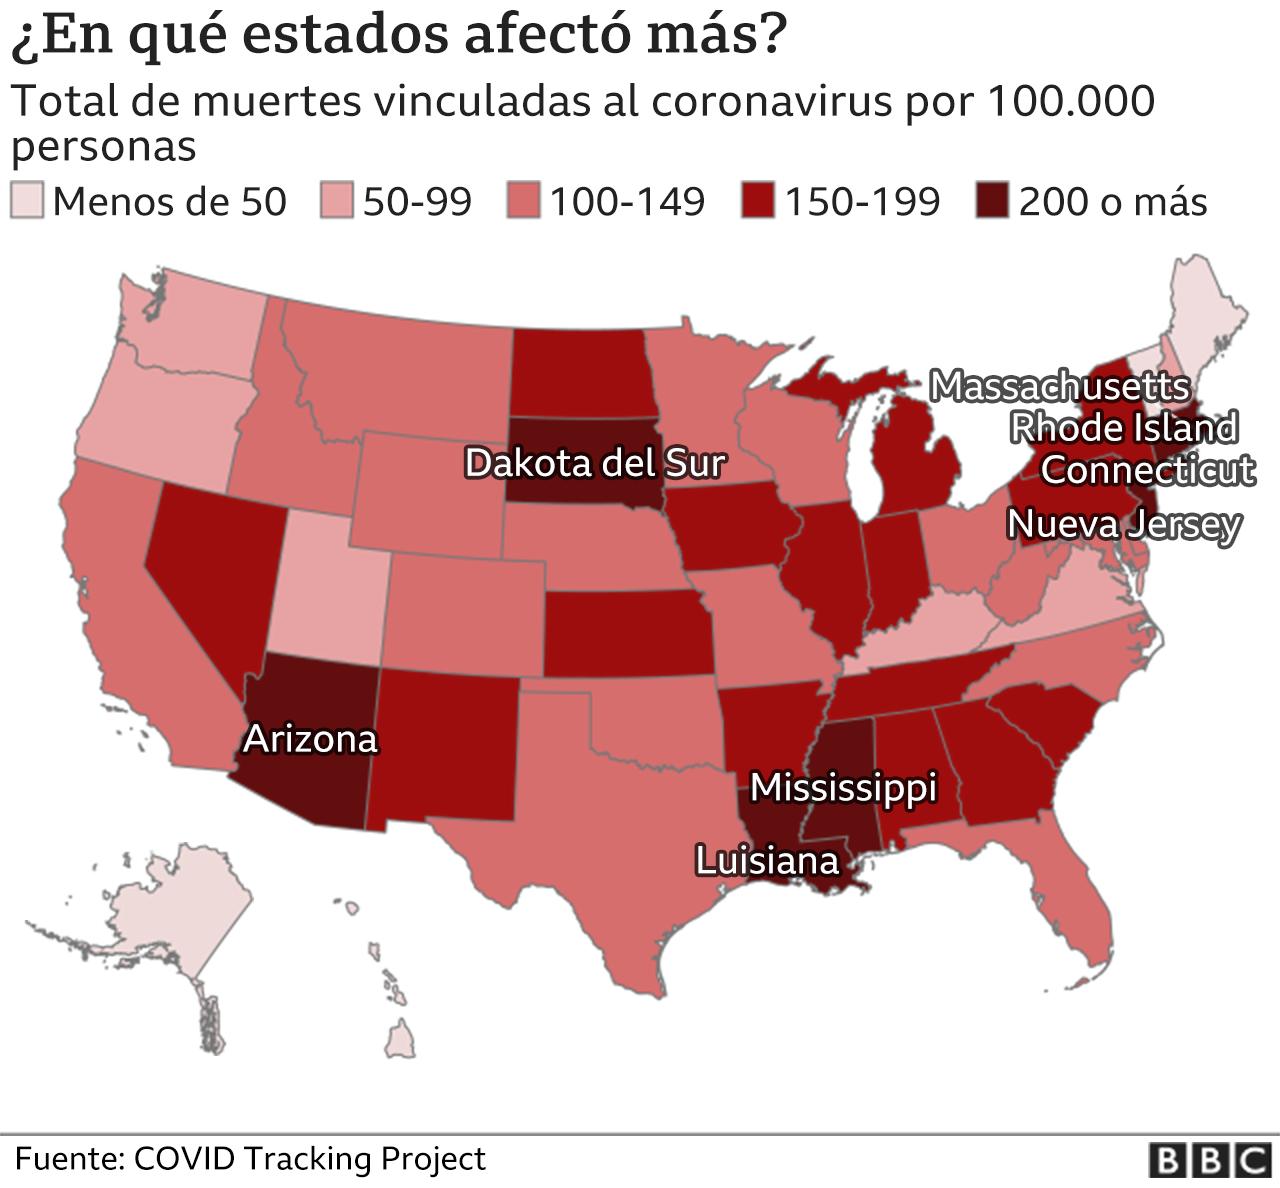 Coronavirus en EE.UU. por estados